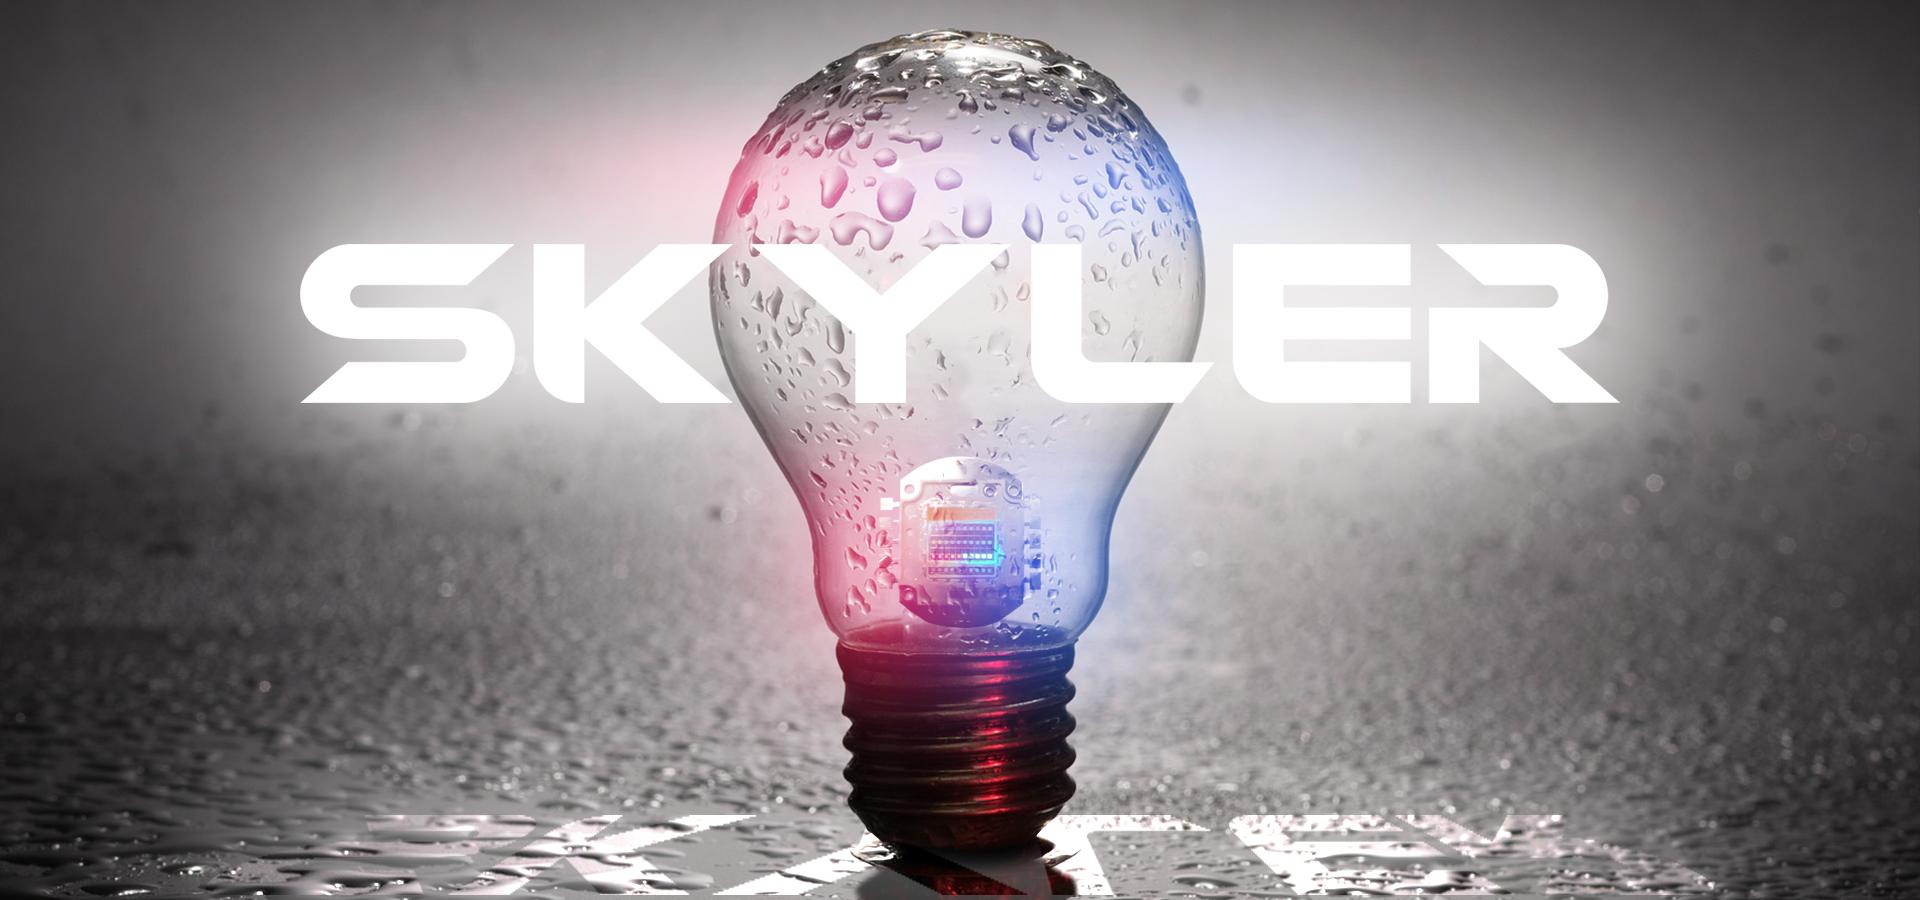 SKYLER LED LIGHTING